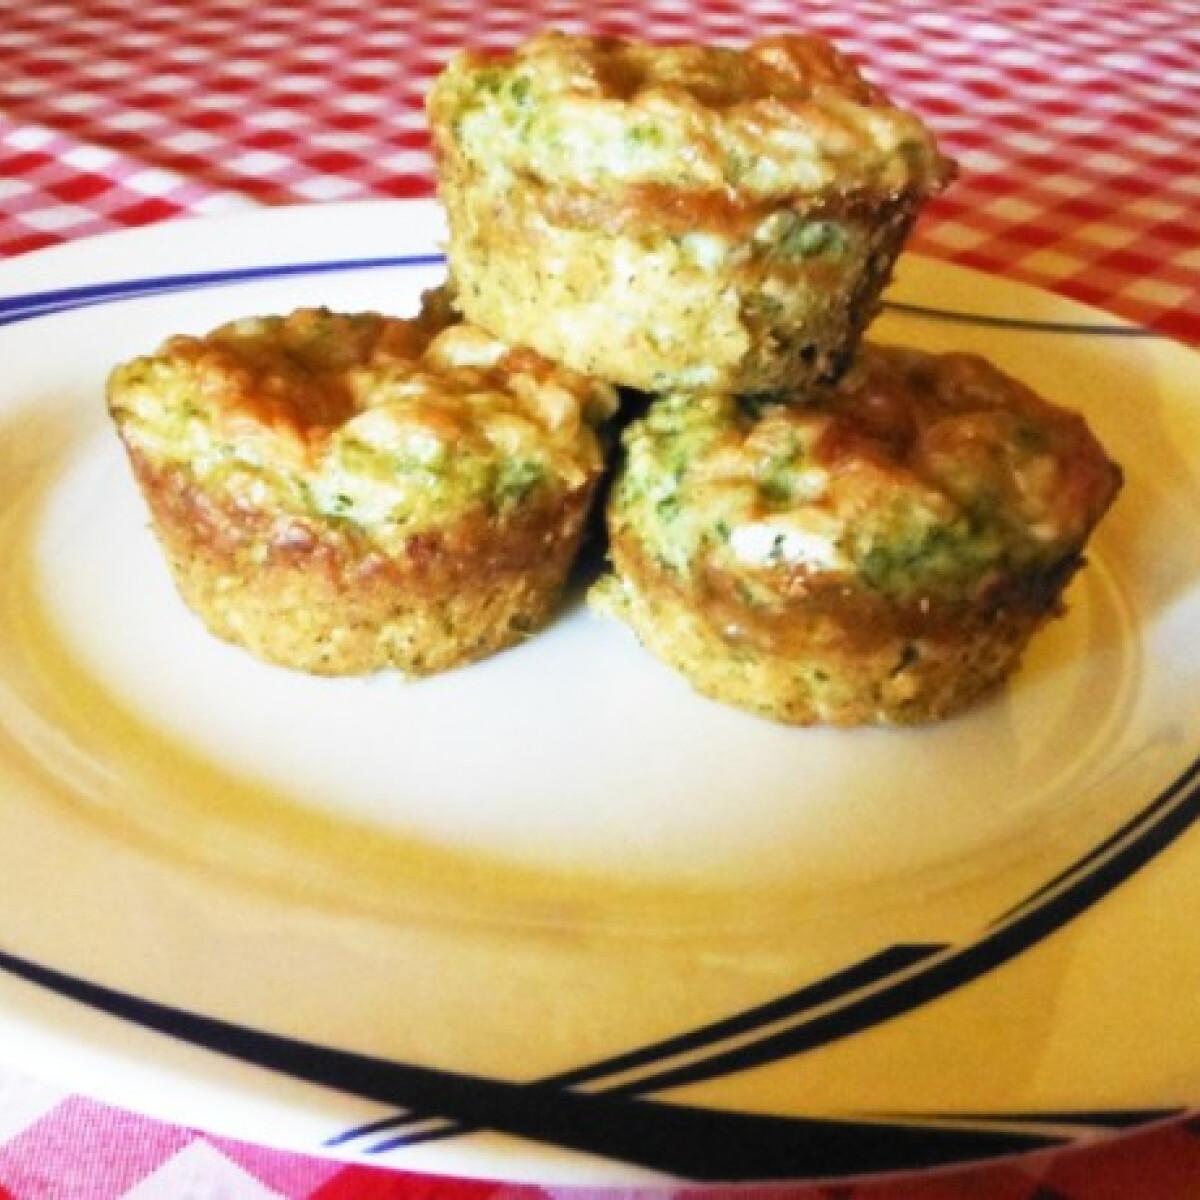 Spenótos fetás muffin